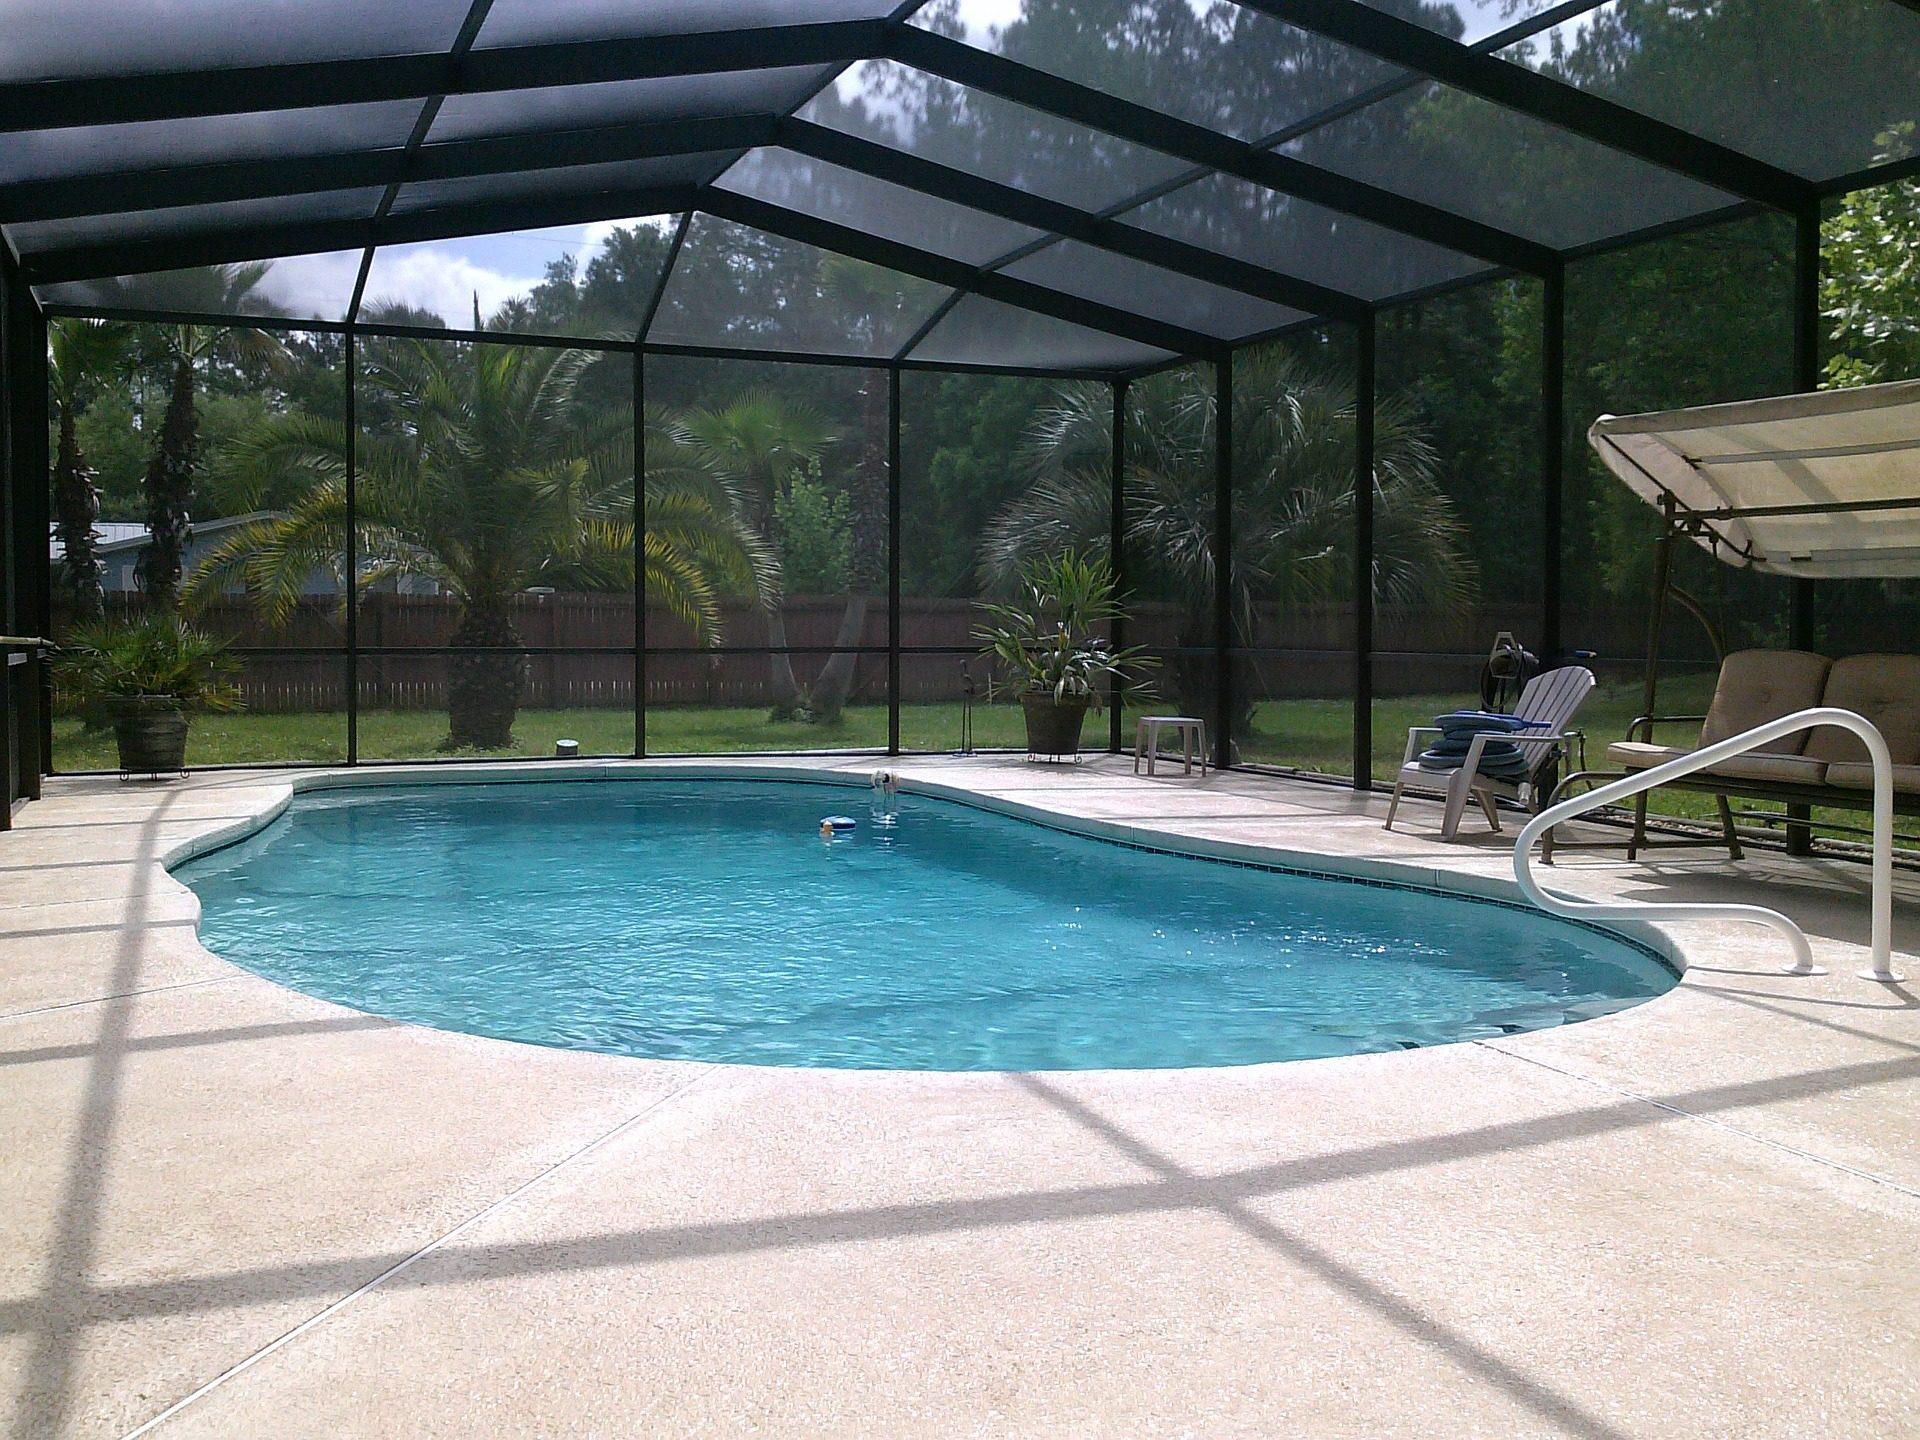 Fondo de pantalla de piscina cubierta cristales - Cristales para piscinas ...